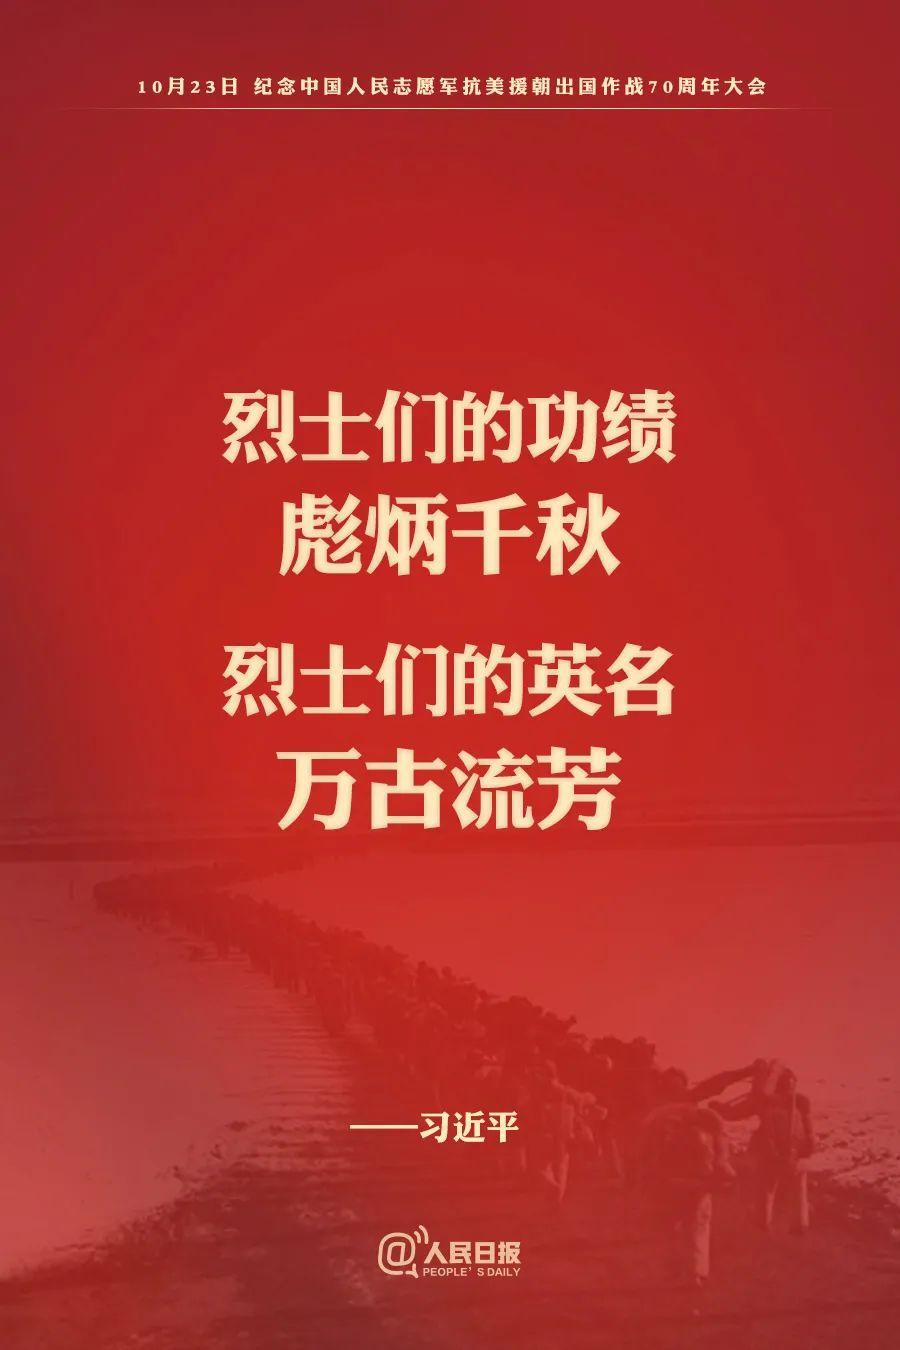 金句来了︱纪念中国人民志愿军抗美援朝出国作战70周年大会